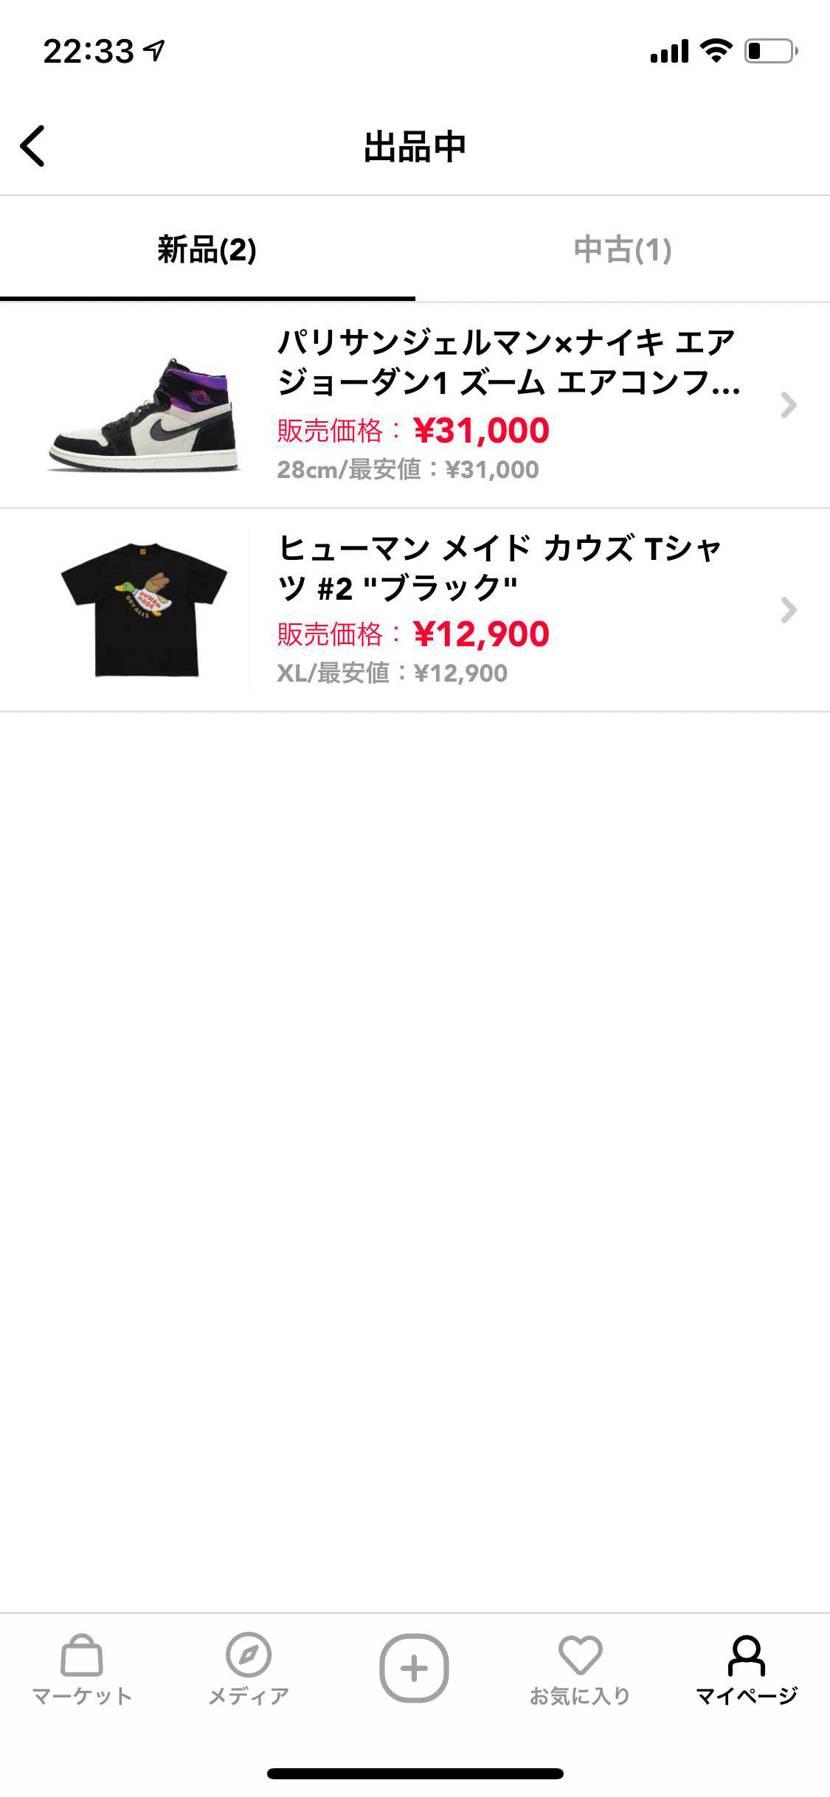 最安値です。  24時以内に購入してくださる方限定の値段です。 よろしくお